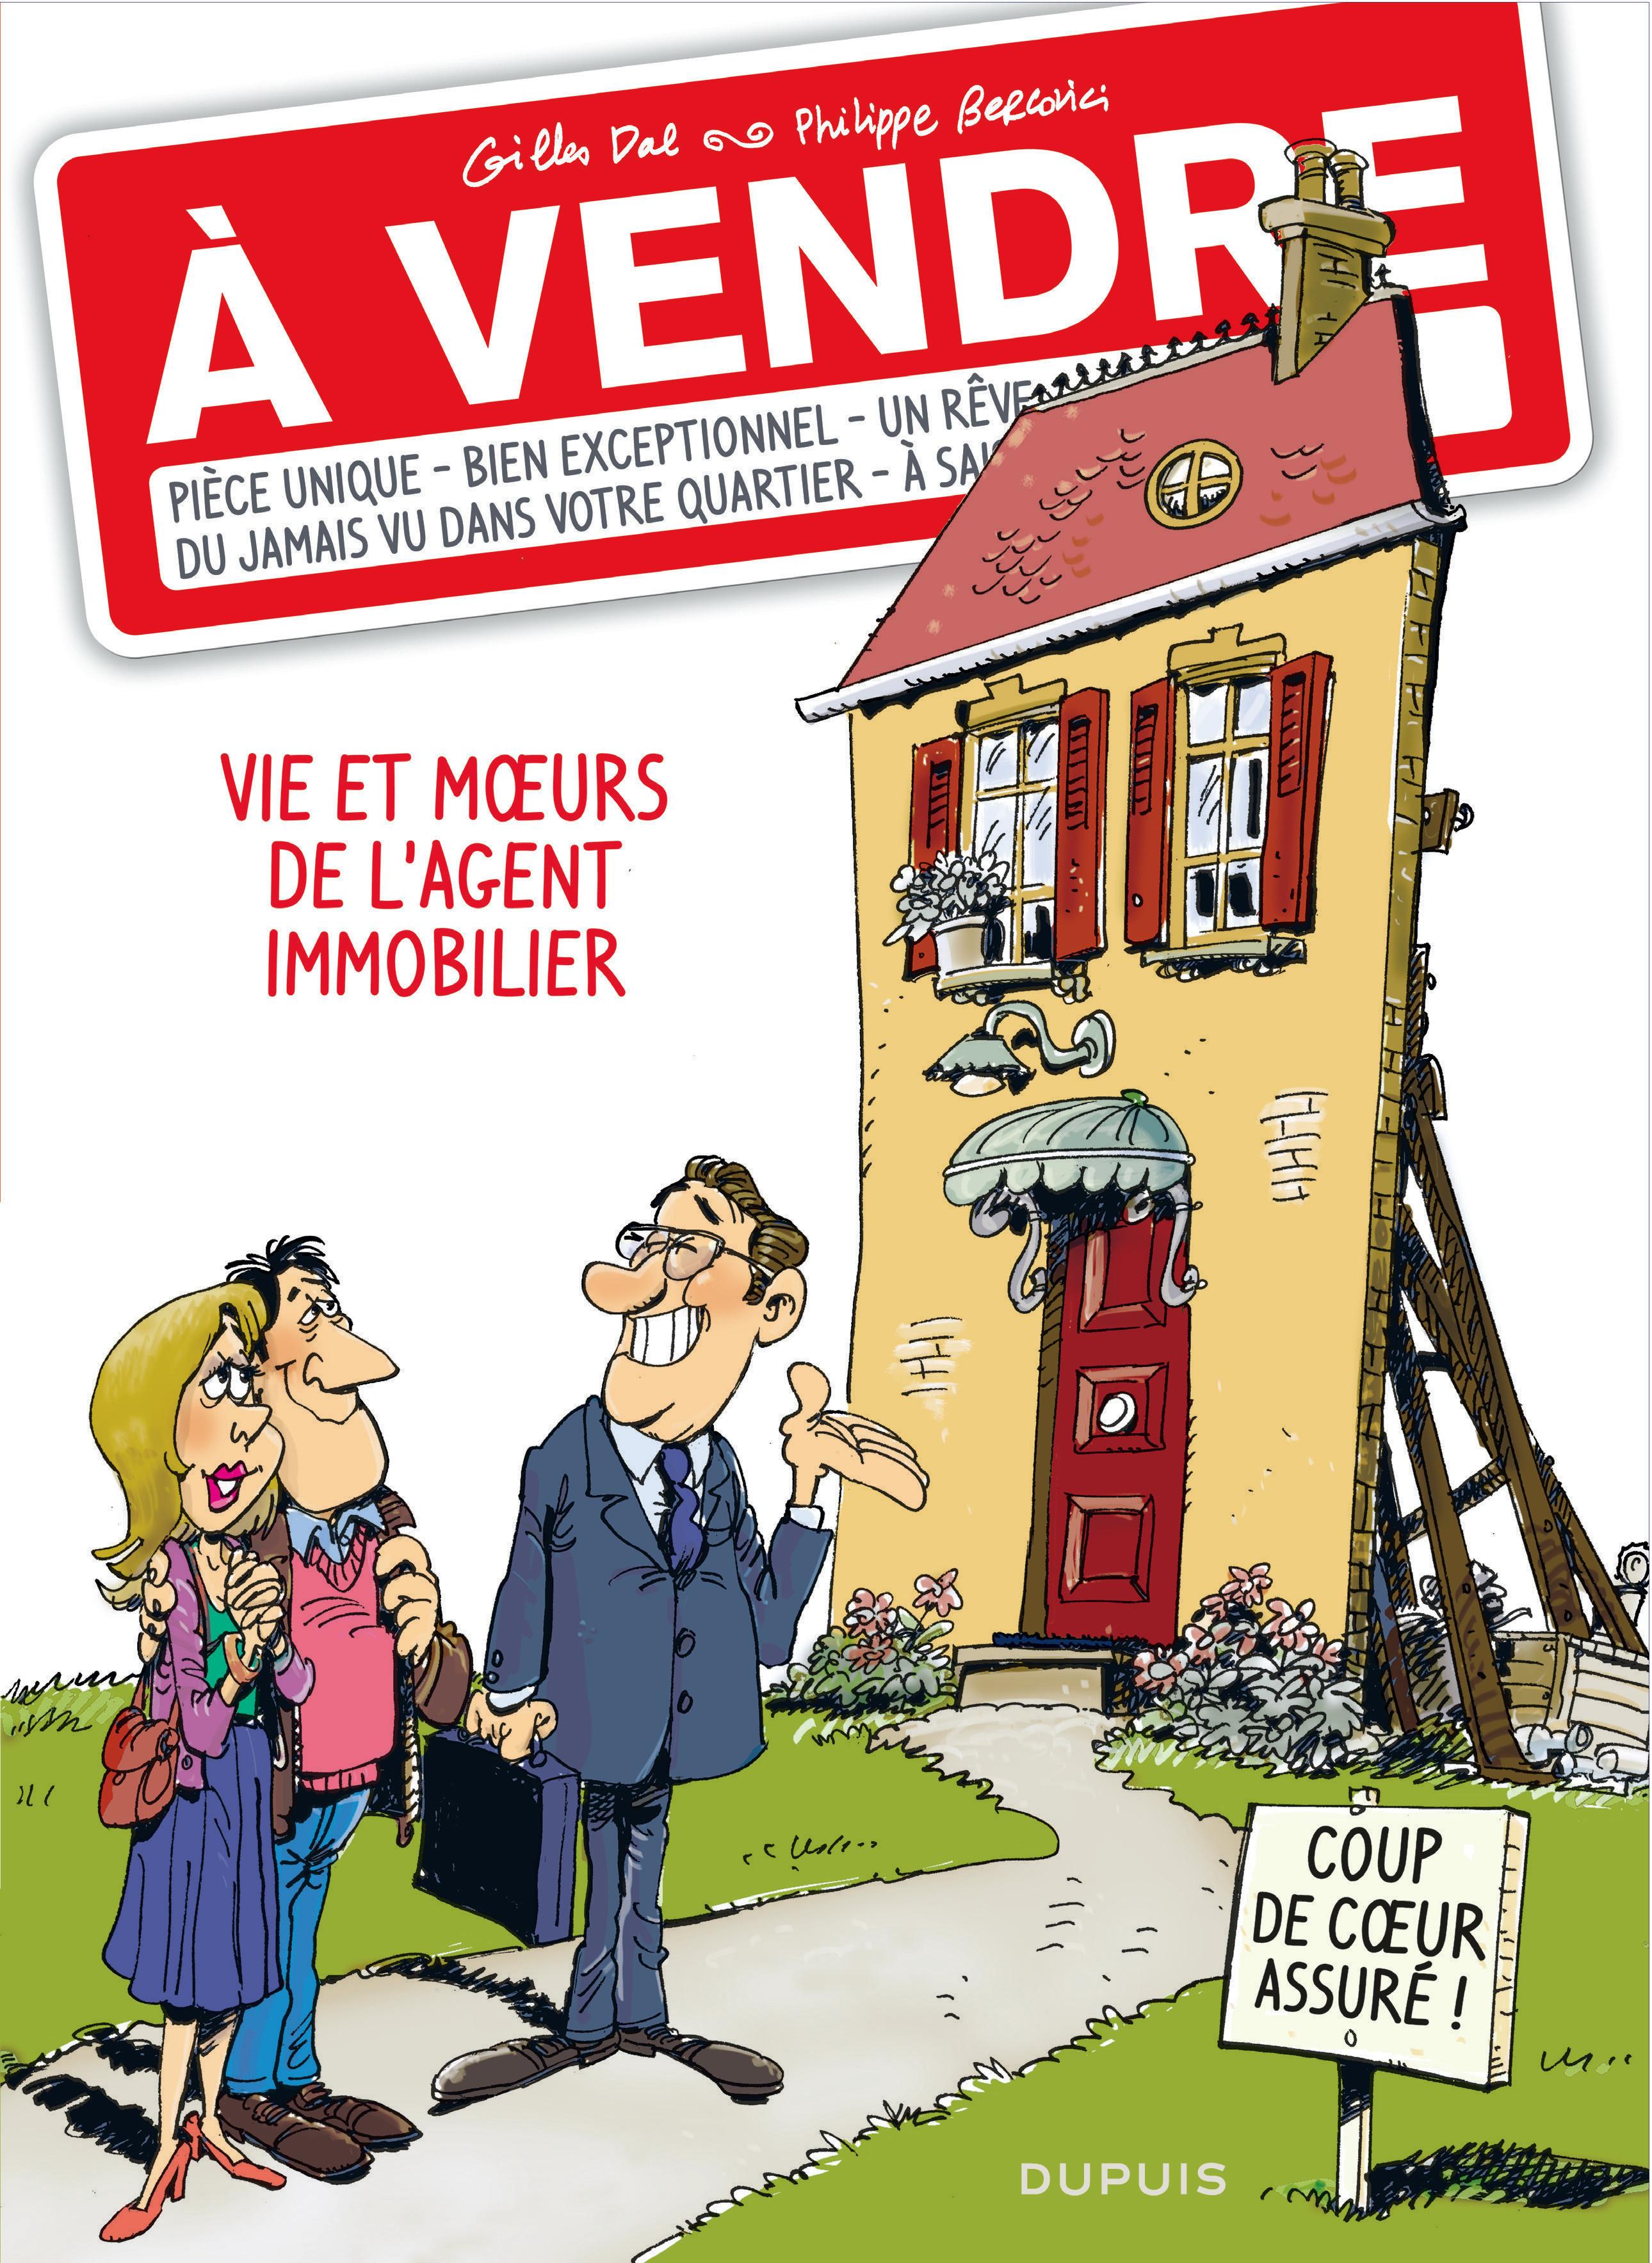 A VENDRE T1 VIE ET MOEURS DE L'AGENT IMMOBILIER